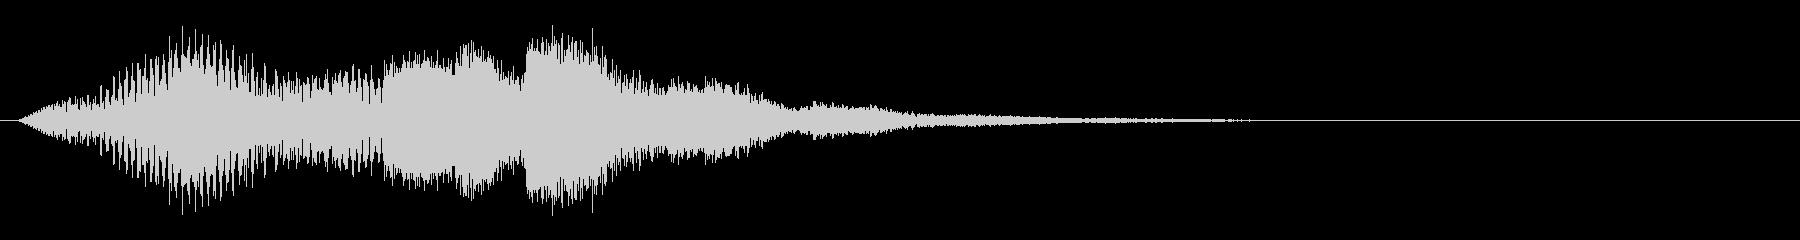 スンチャンチャンチャララ(科学・研究所)の未再生の波形